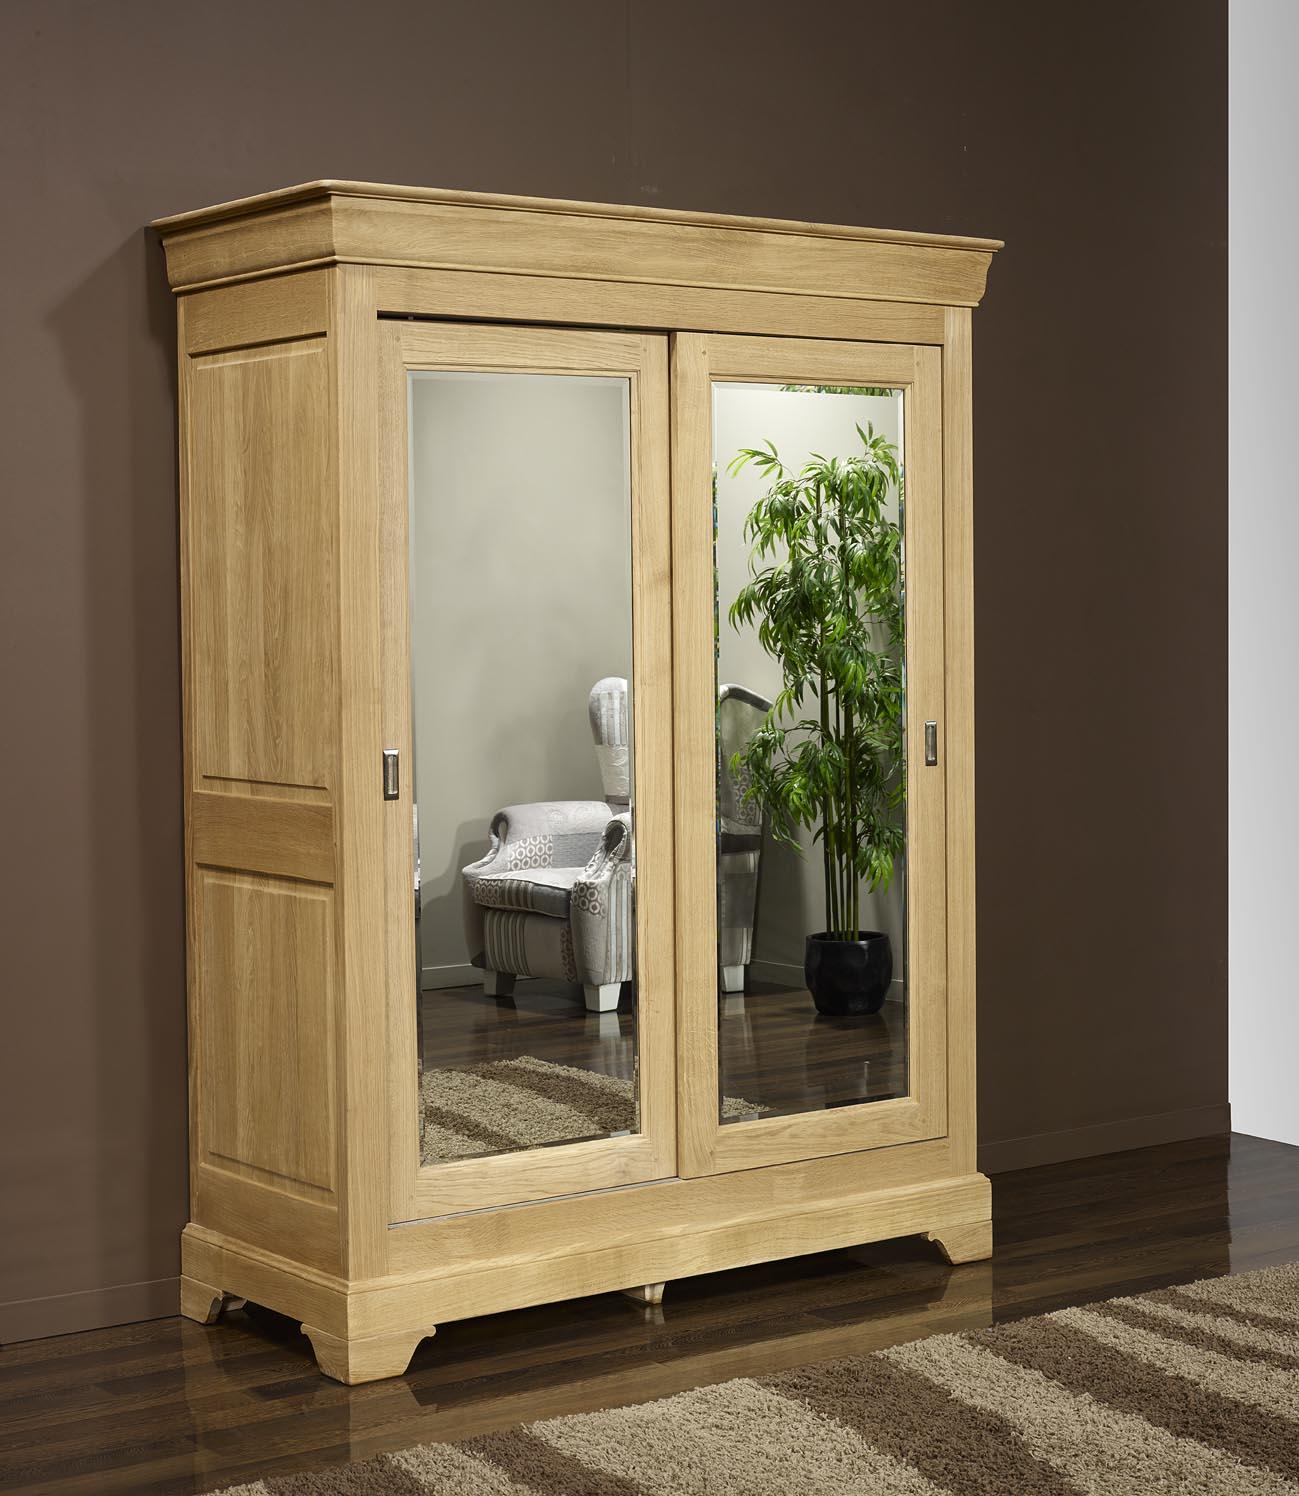 armoire 2 portes en ch ne massif de style louis philippe portes coulissantes meuble en ch ne. Black Bedroom Furniture Sets. Home Design Ideas